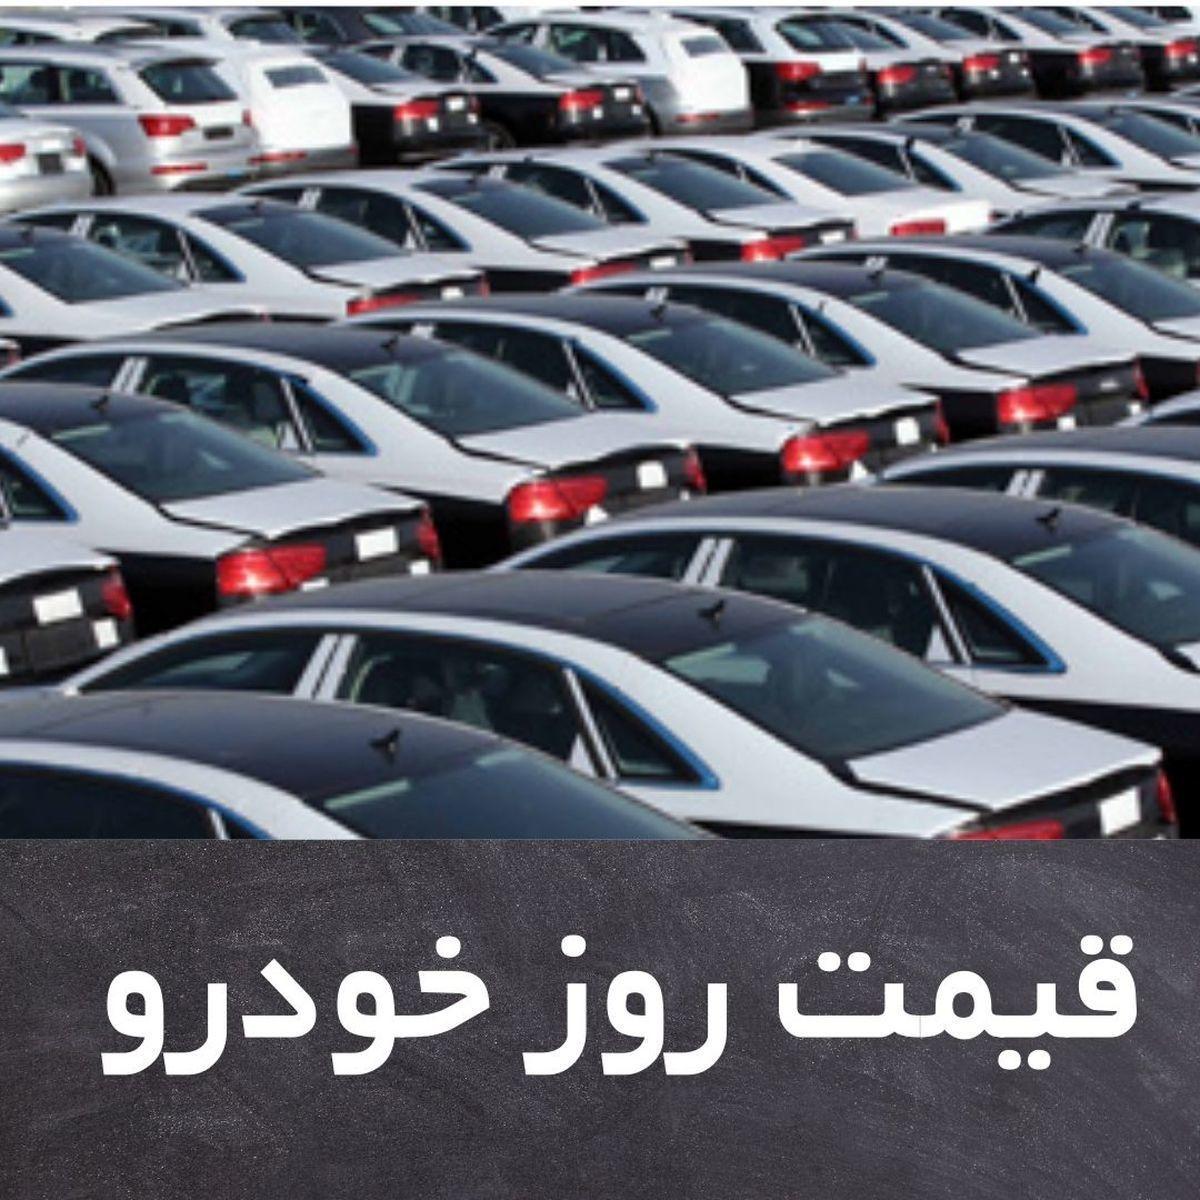 قیمت روز خودرو یکشنبه 3 اسفند + جدول